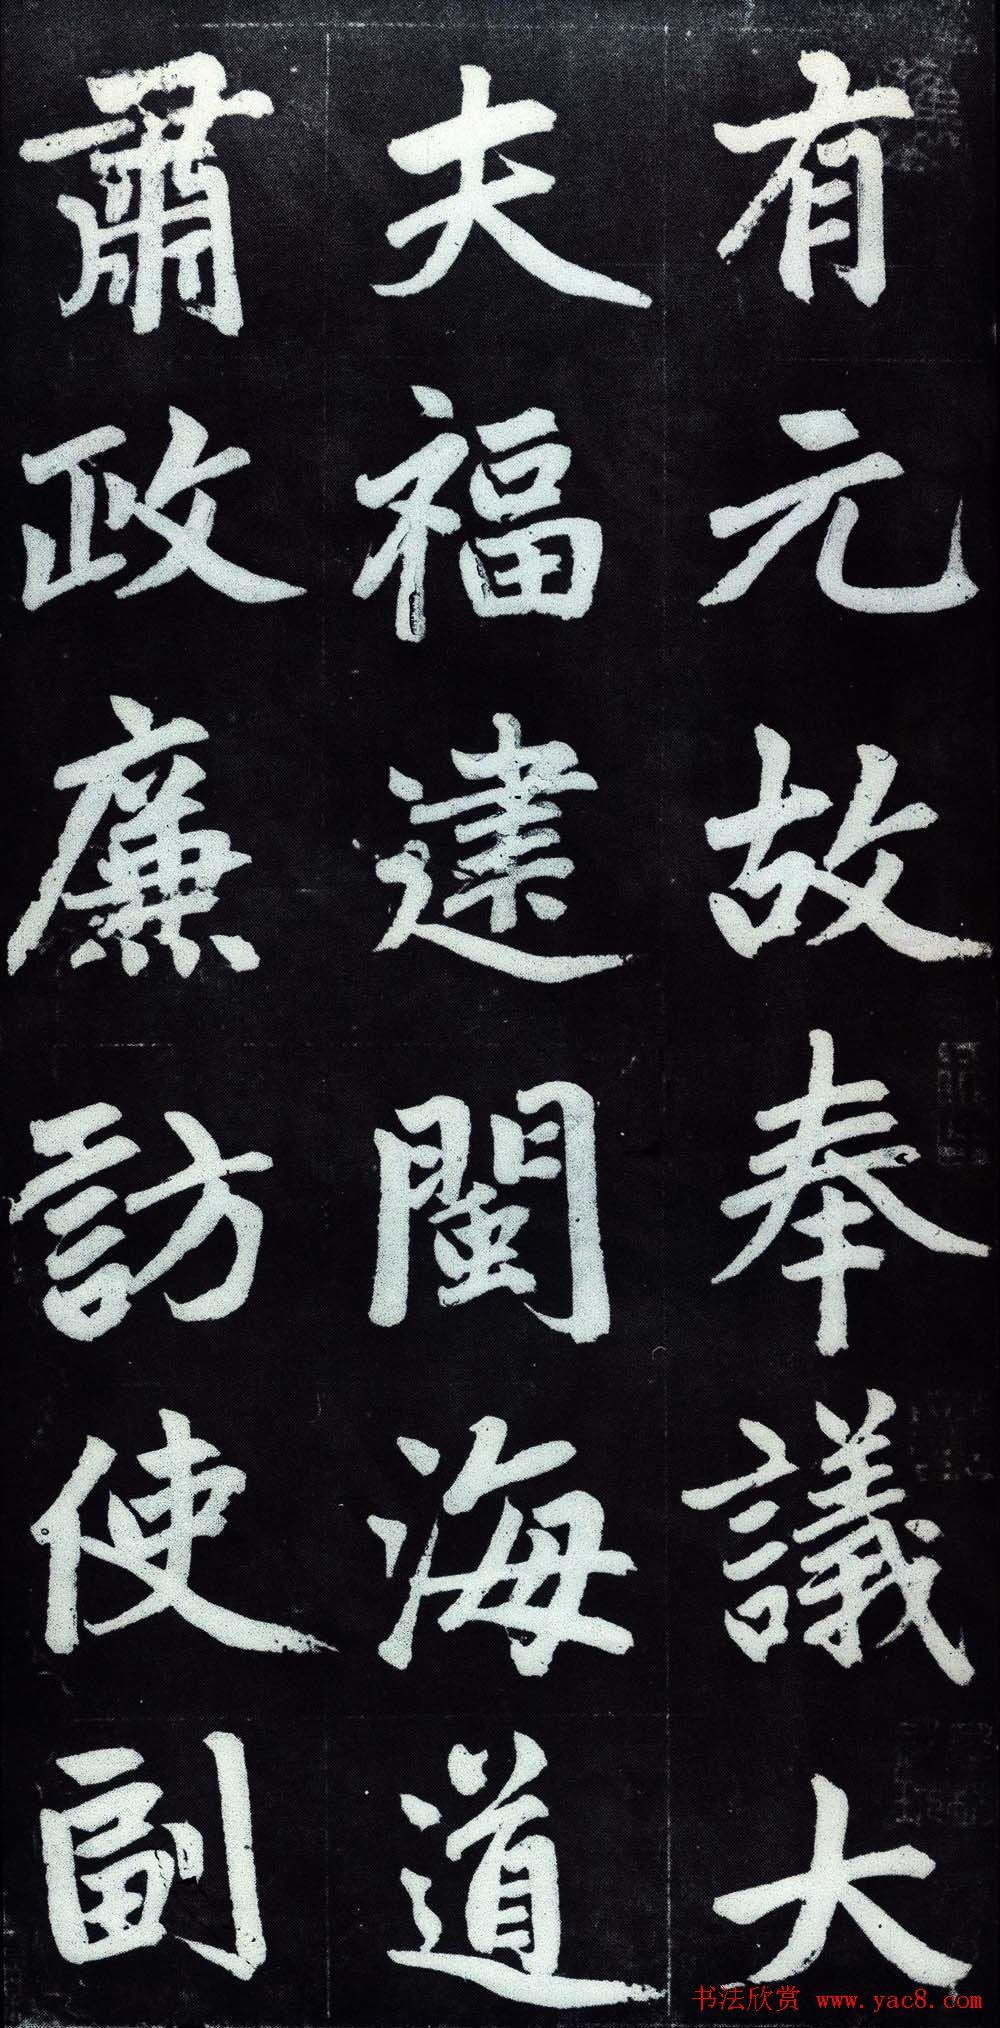 赵孟�\行楷书法字帖赏析《仇锷墓碑铭》